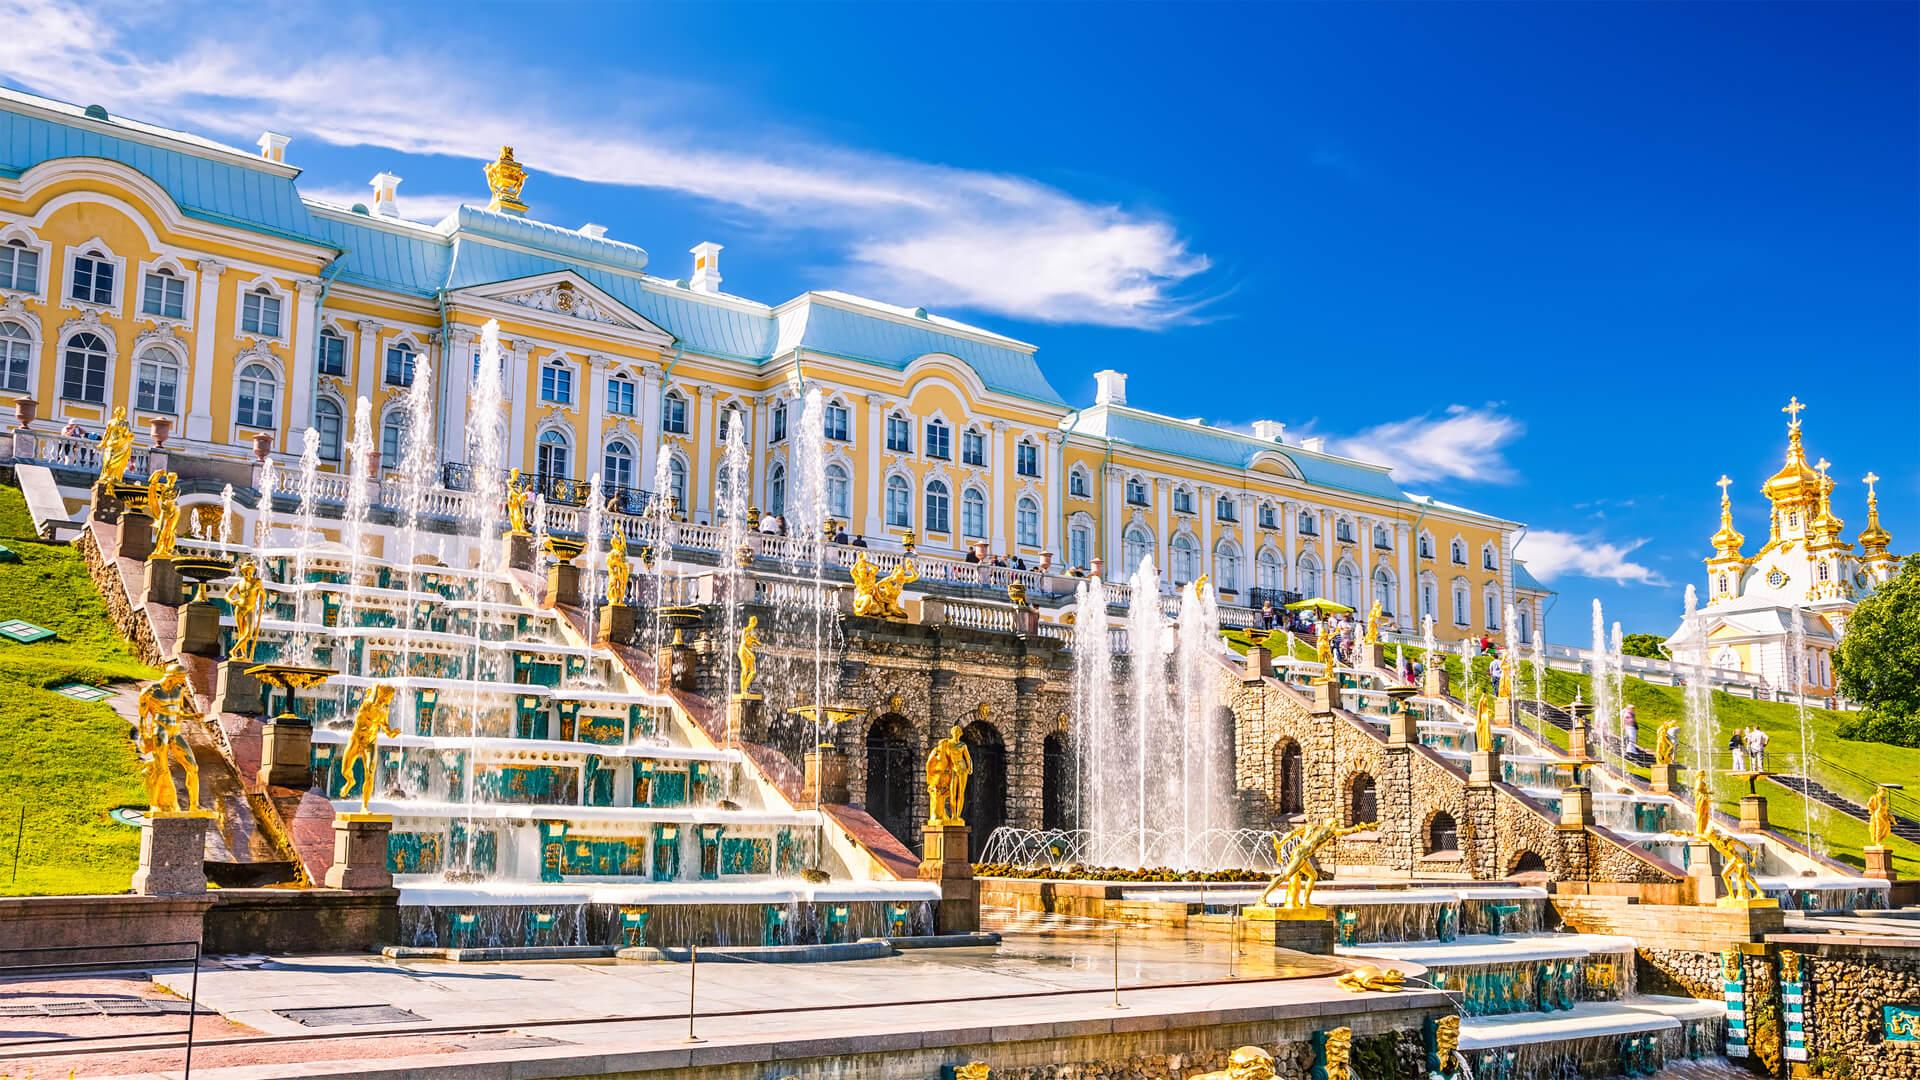 Выездные автобусные экскурсии из Петербурга